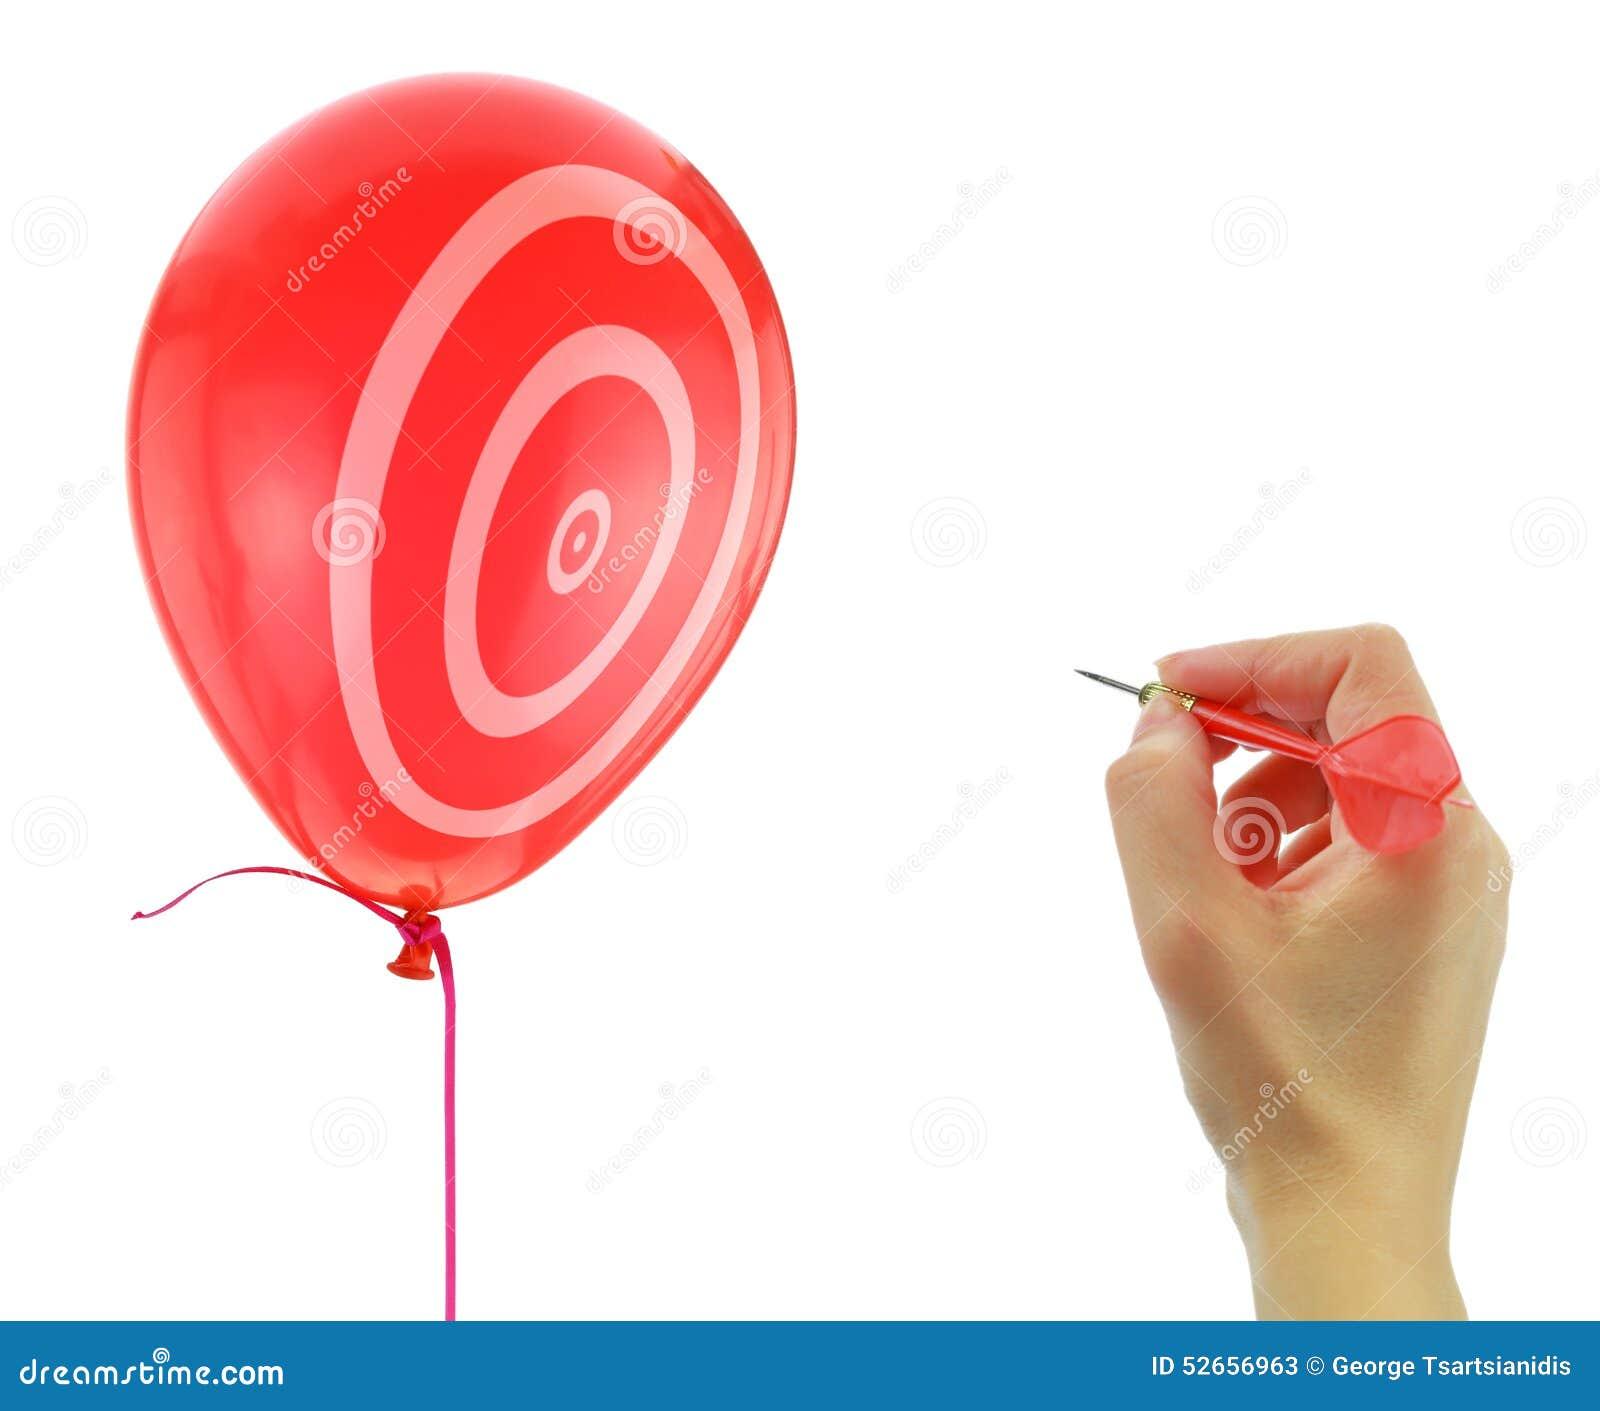 Pfeil ungefähr, zum eines Ballons zu knallen